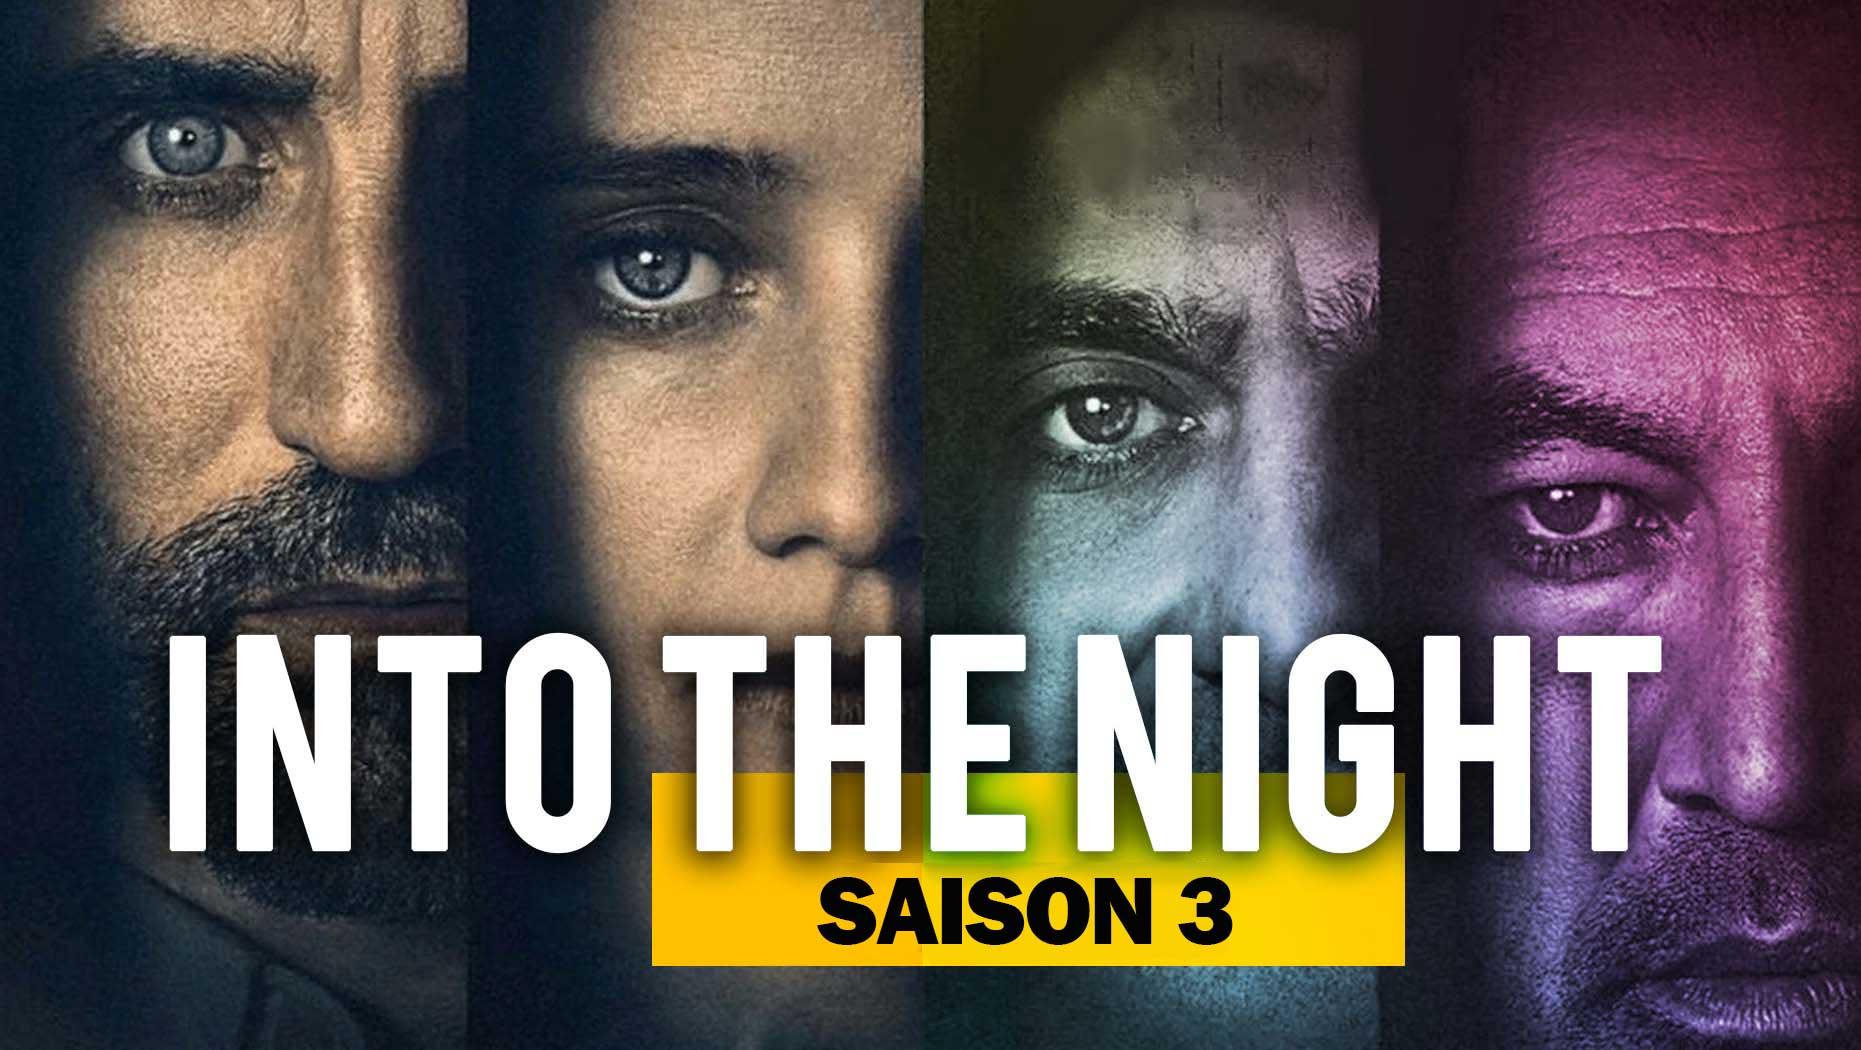 Into The Night Saison 3 : Date de sortie prévue et ce que nous savons jusqu'à présent !